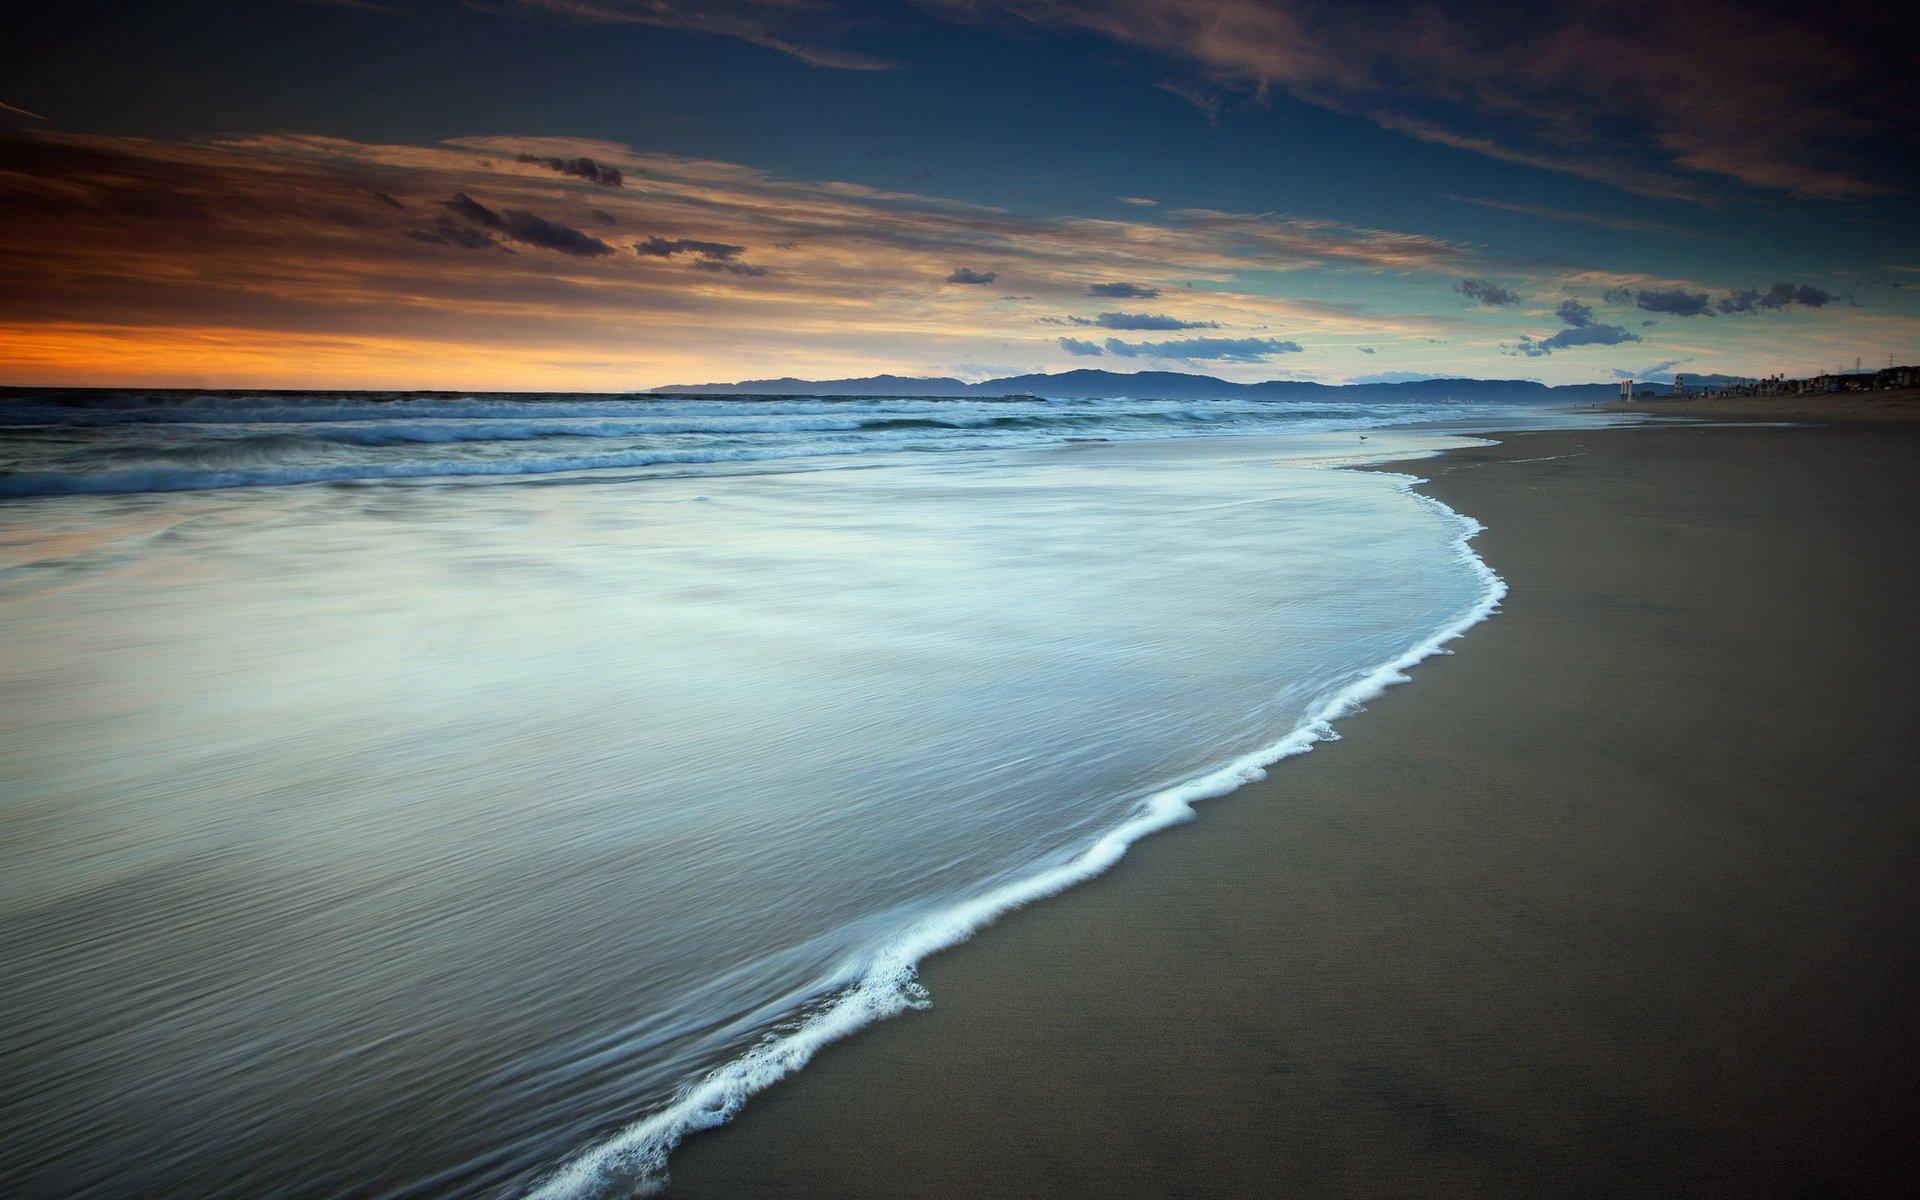 Море закат волна бесплатно